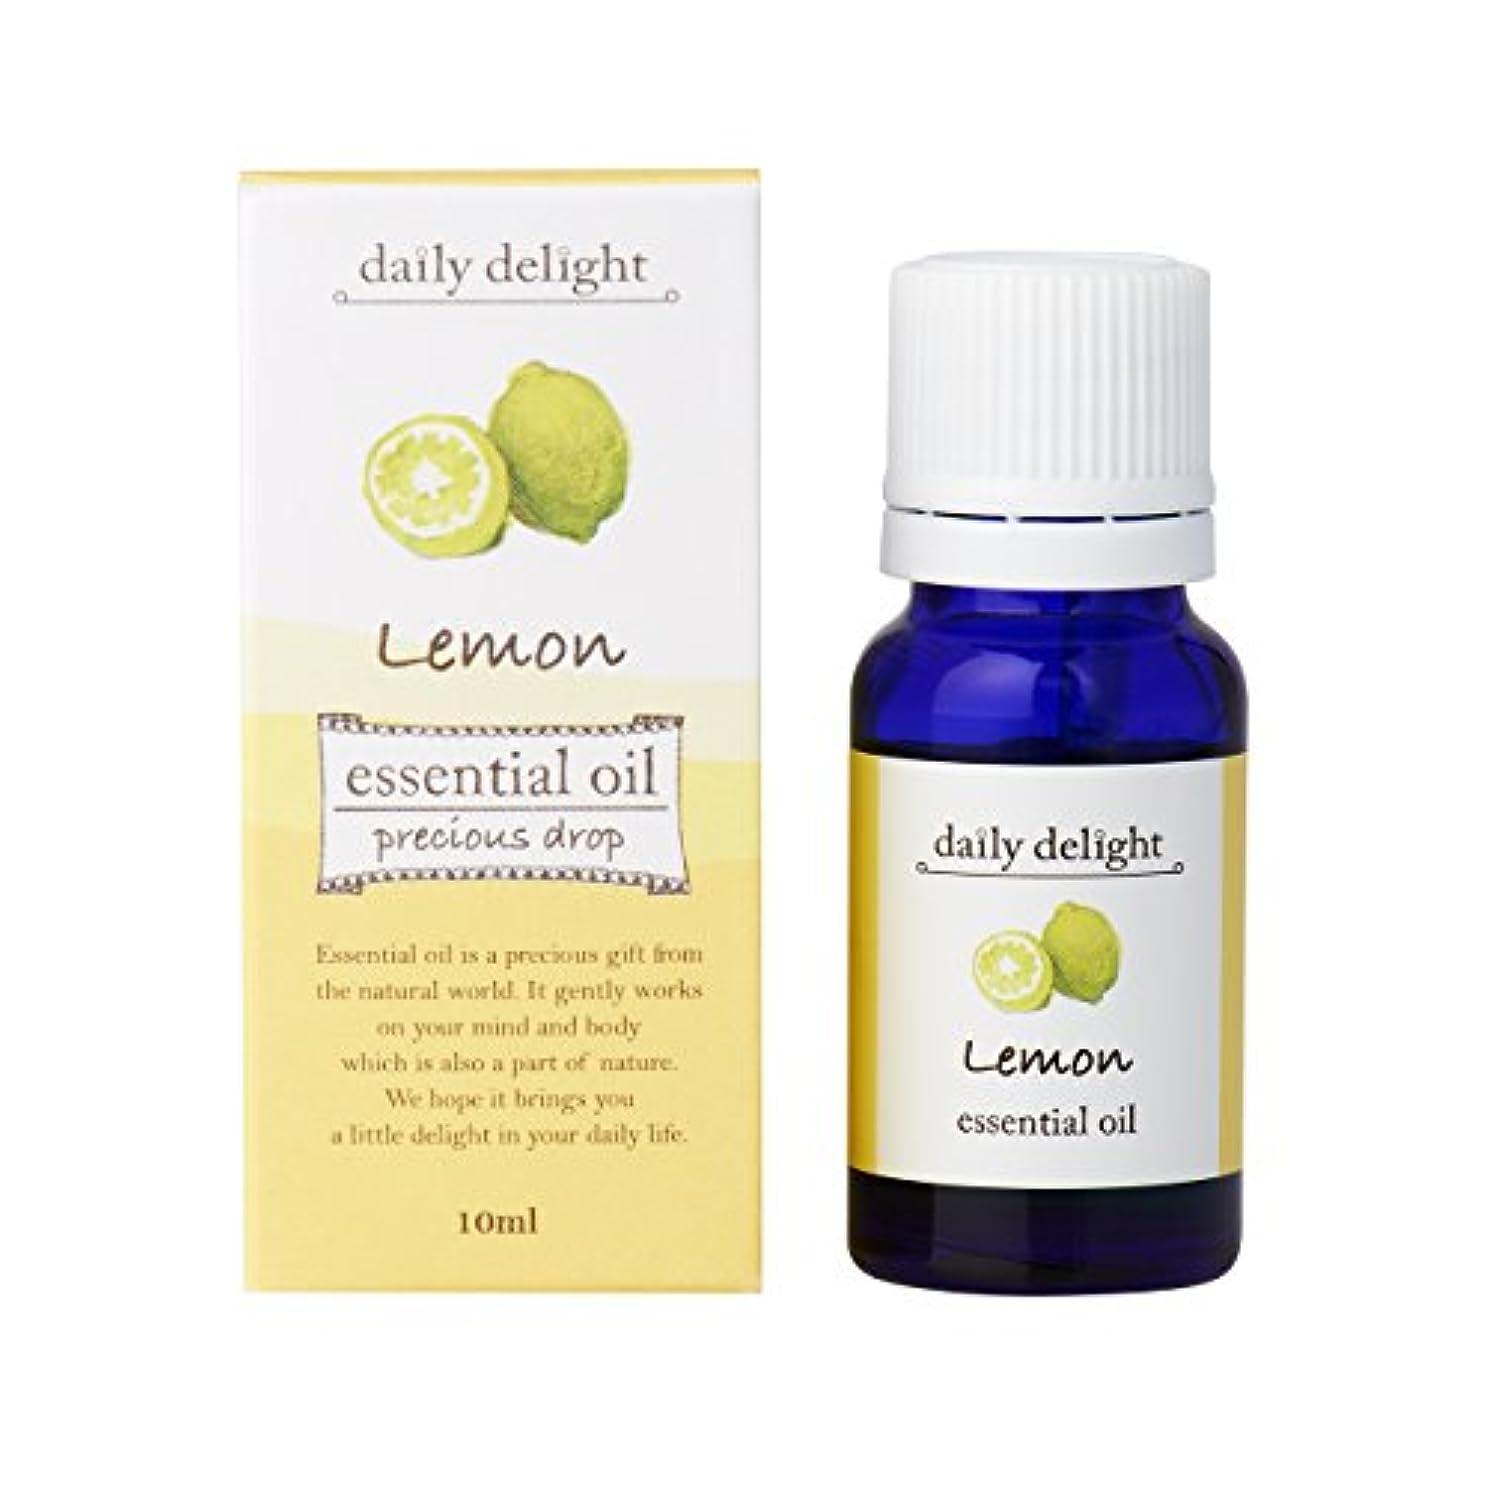 くしゃくしゃ威信合計デイリーディライト エッセンシャルオイル  レモン 10ml(天然100% 精油 アロマ 柑橘系 さっぱりして気分転換におすすめの香り)